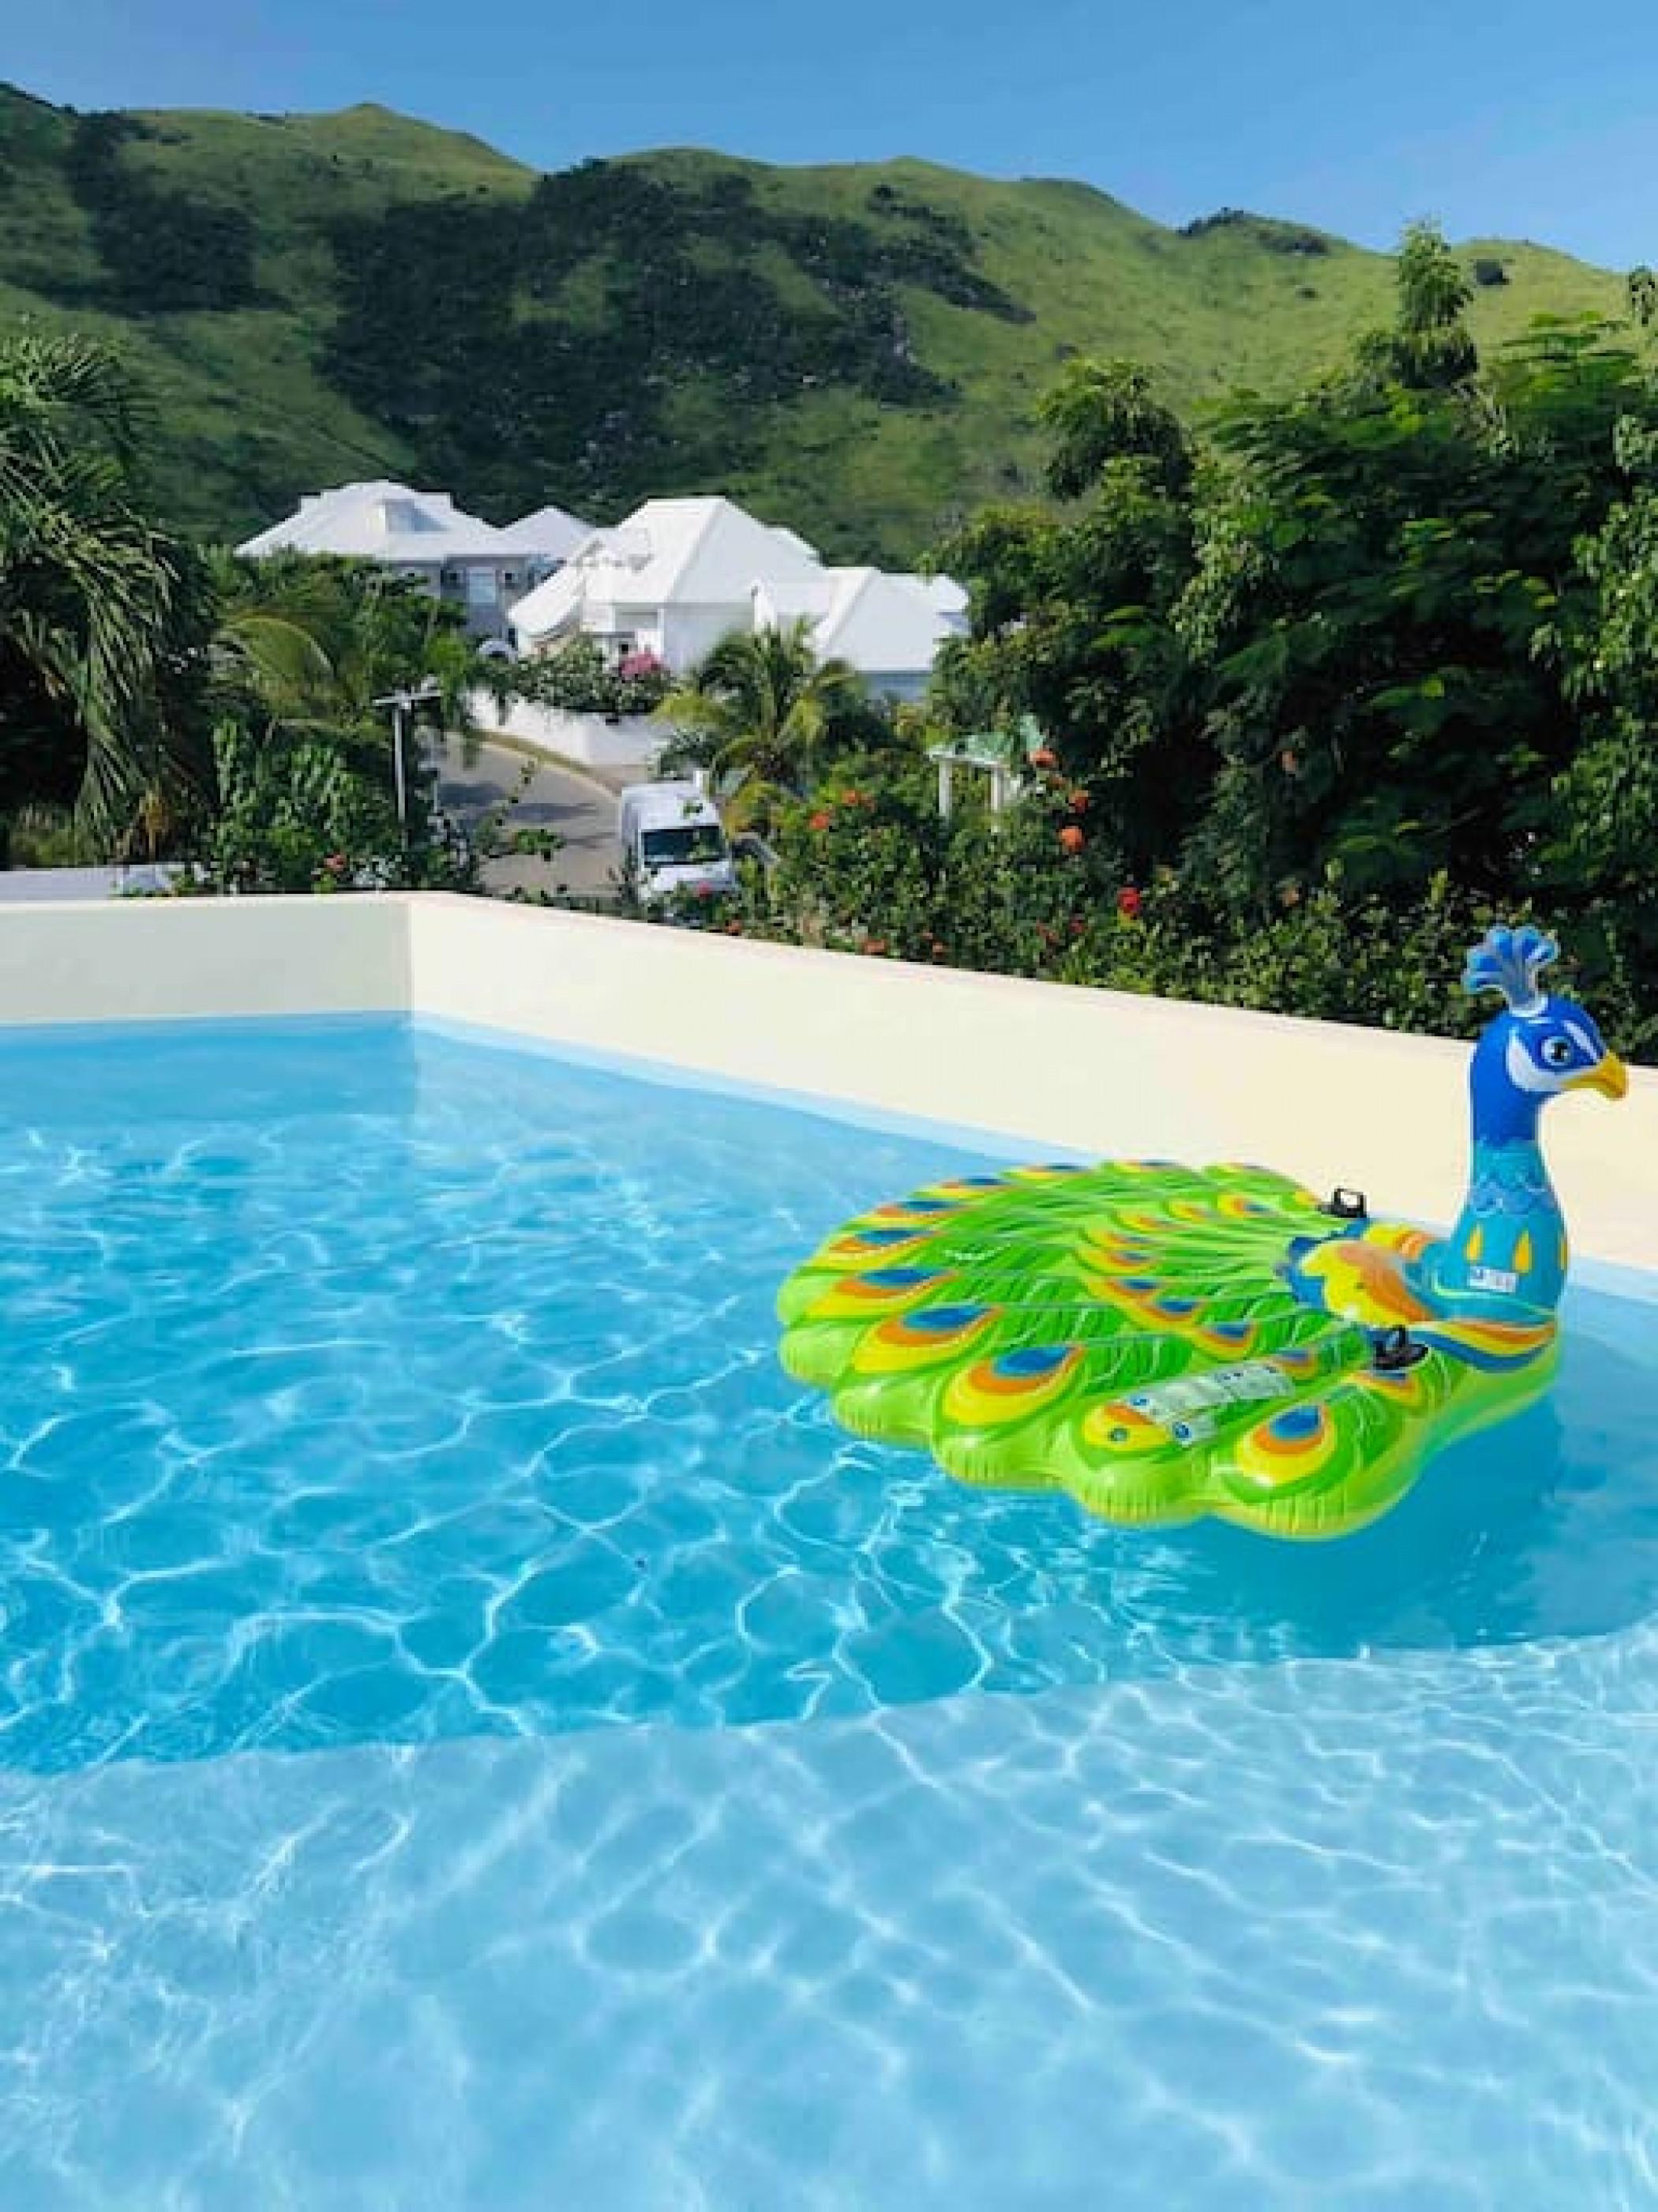 Belle suite S9 à 300m de la mer avec piscine à Cul de sac, Wifi haut débit